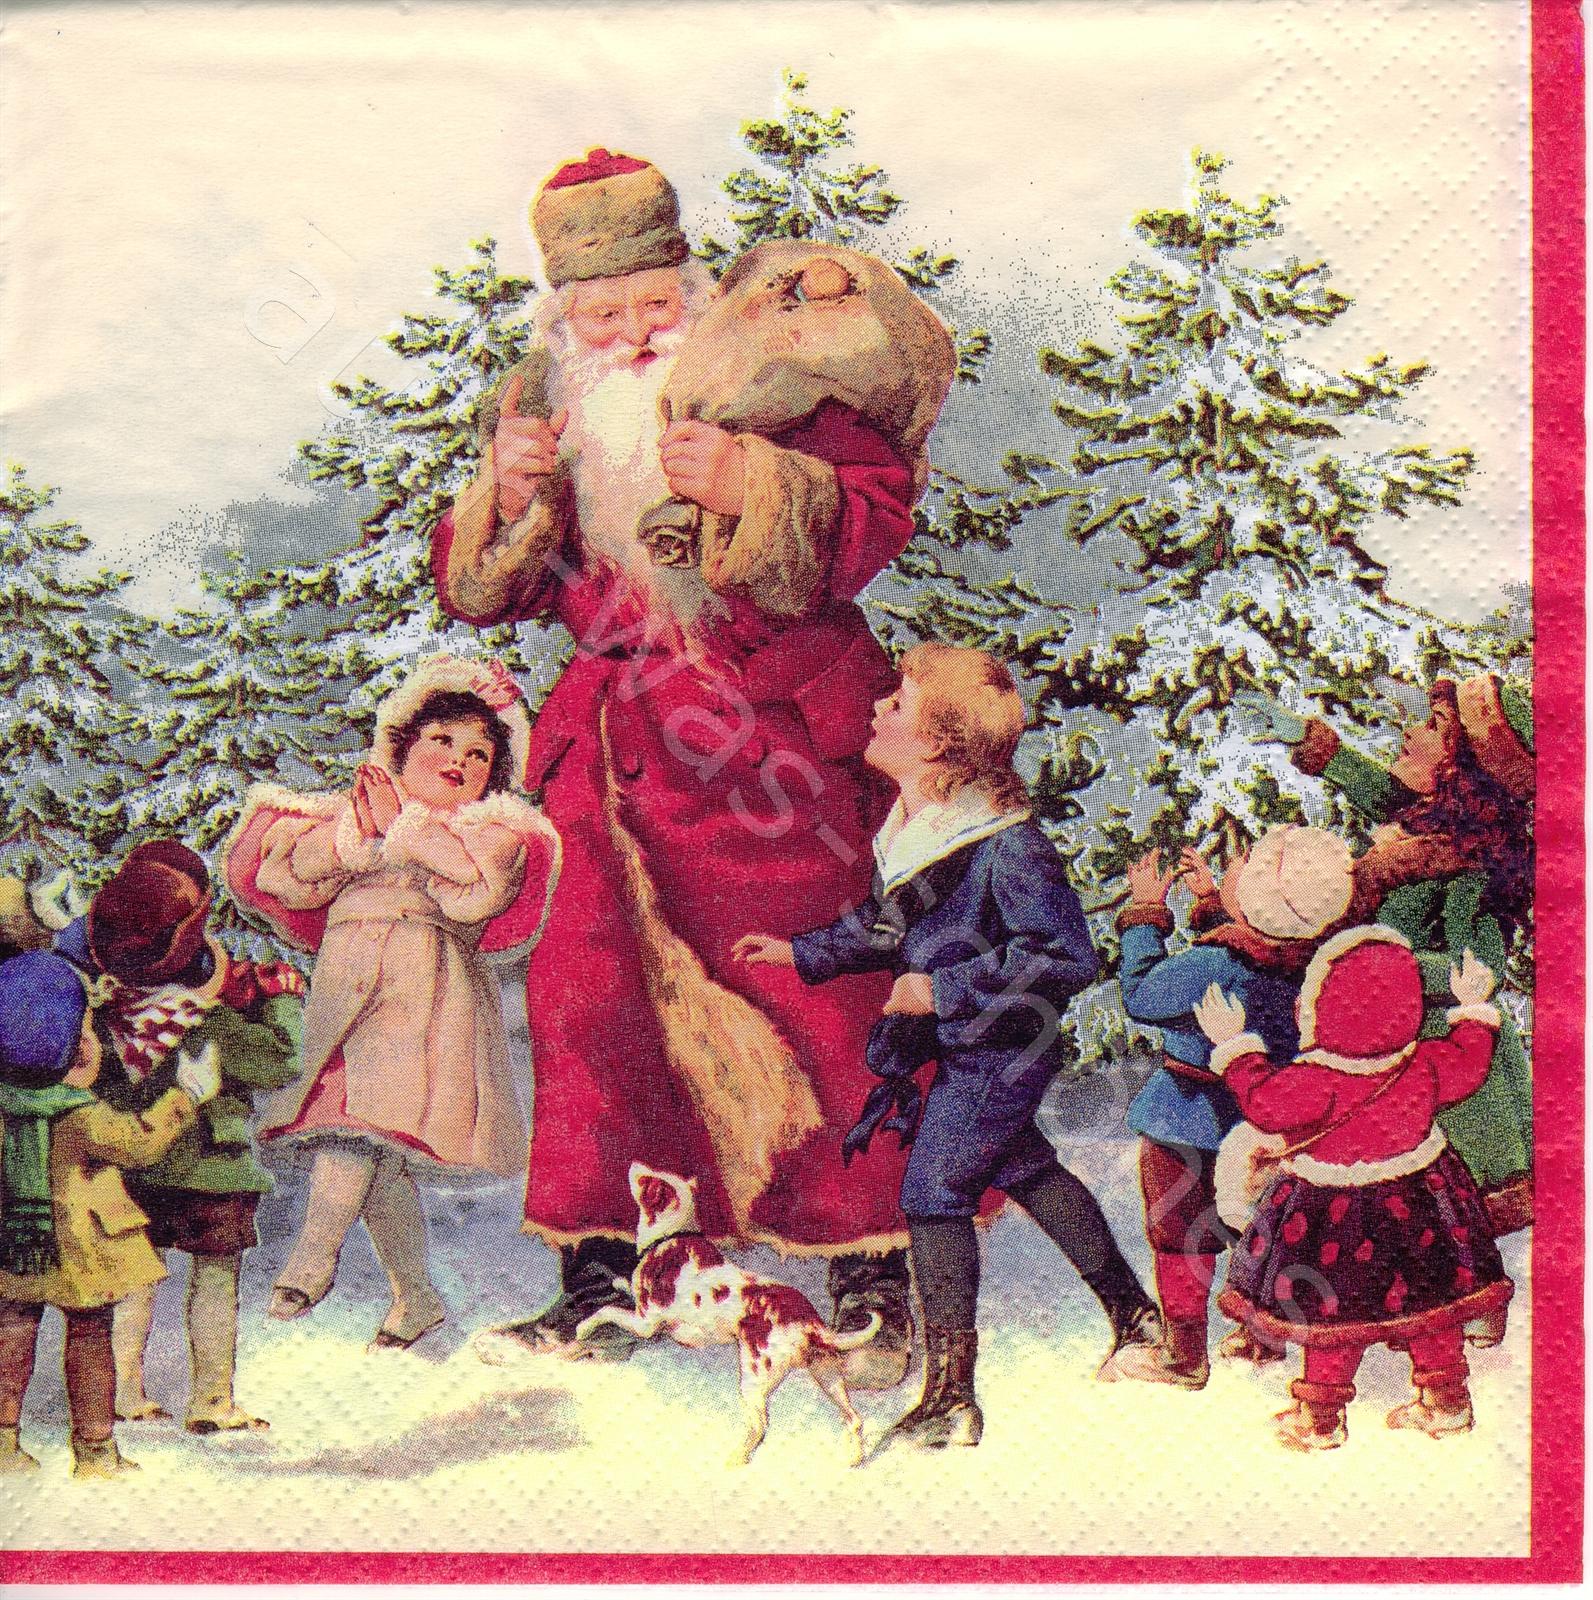 Weihnachten Nostalgisch.Santa Claus Kinder Wald Weihnachten Nostalgie Wn185